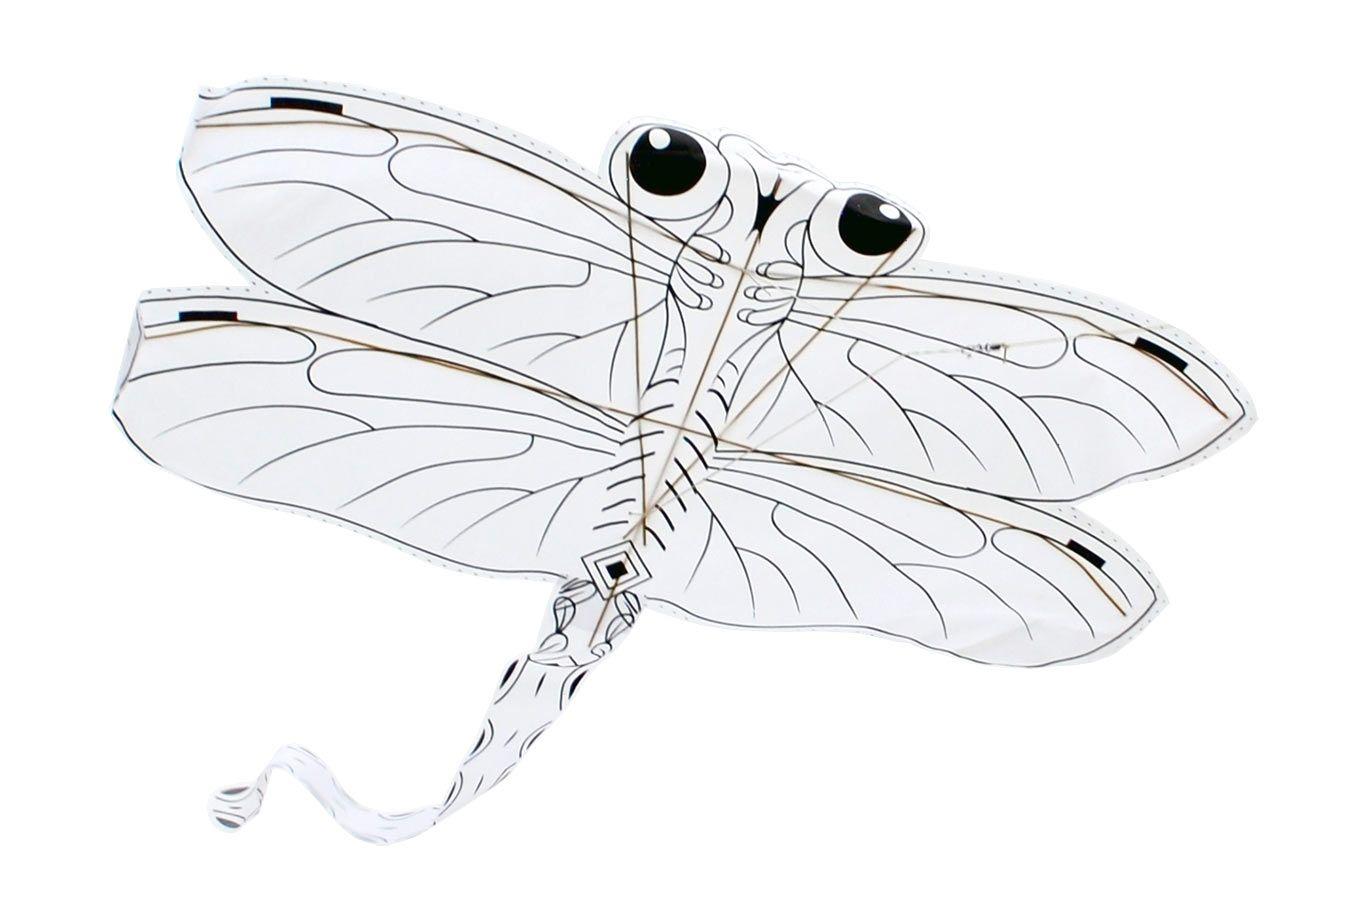 Стрекоза, воздушный змей раскраска с красками [ZBQCS]